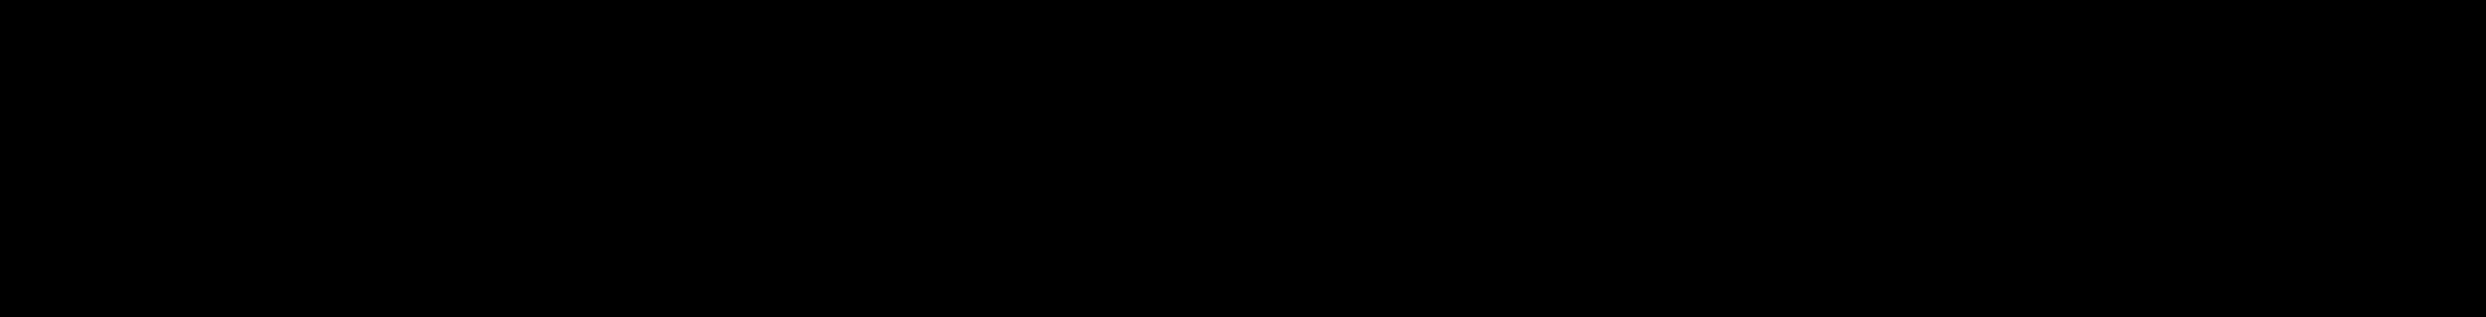 Lowblaw Digital 徽标